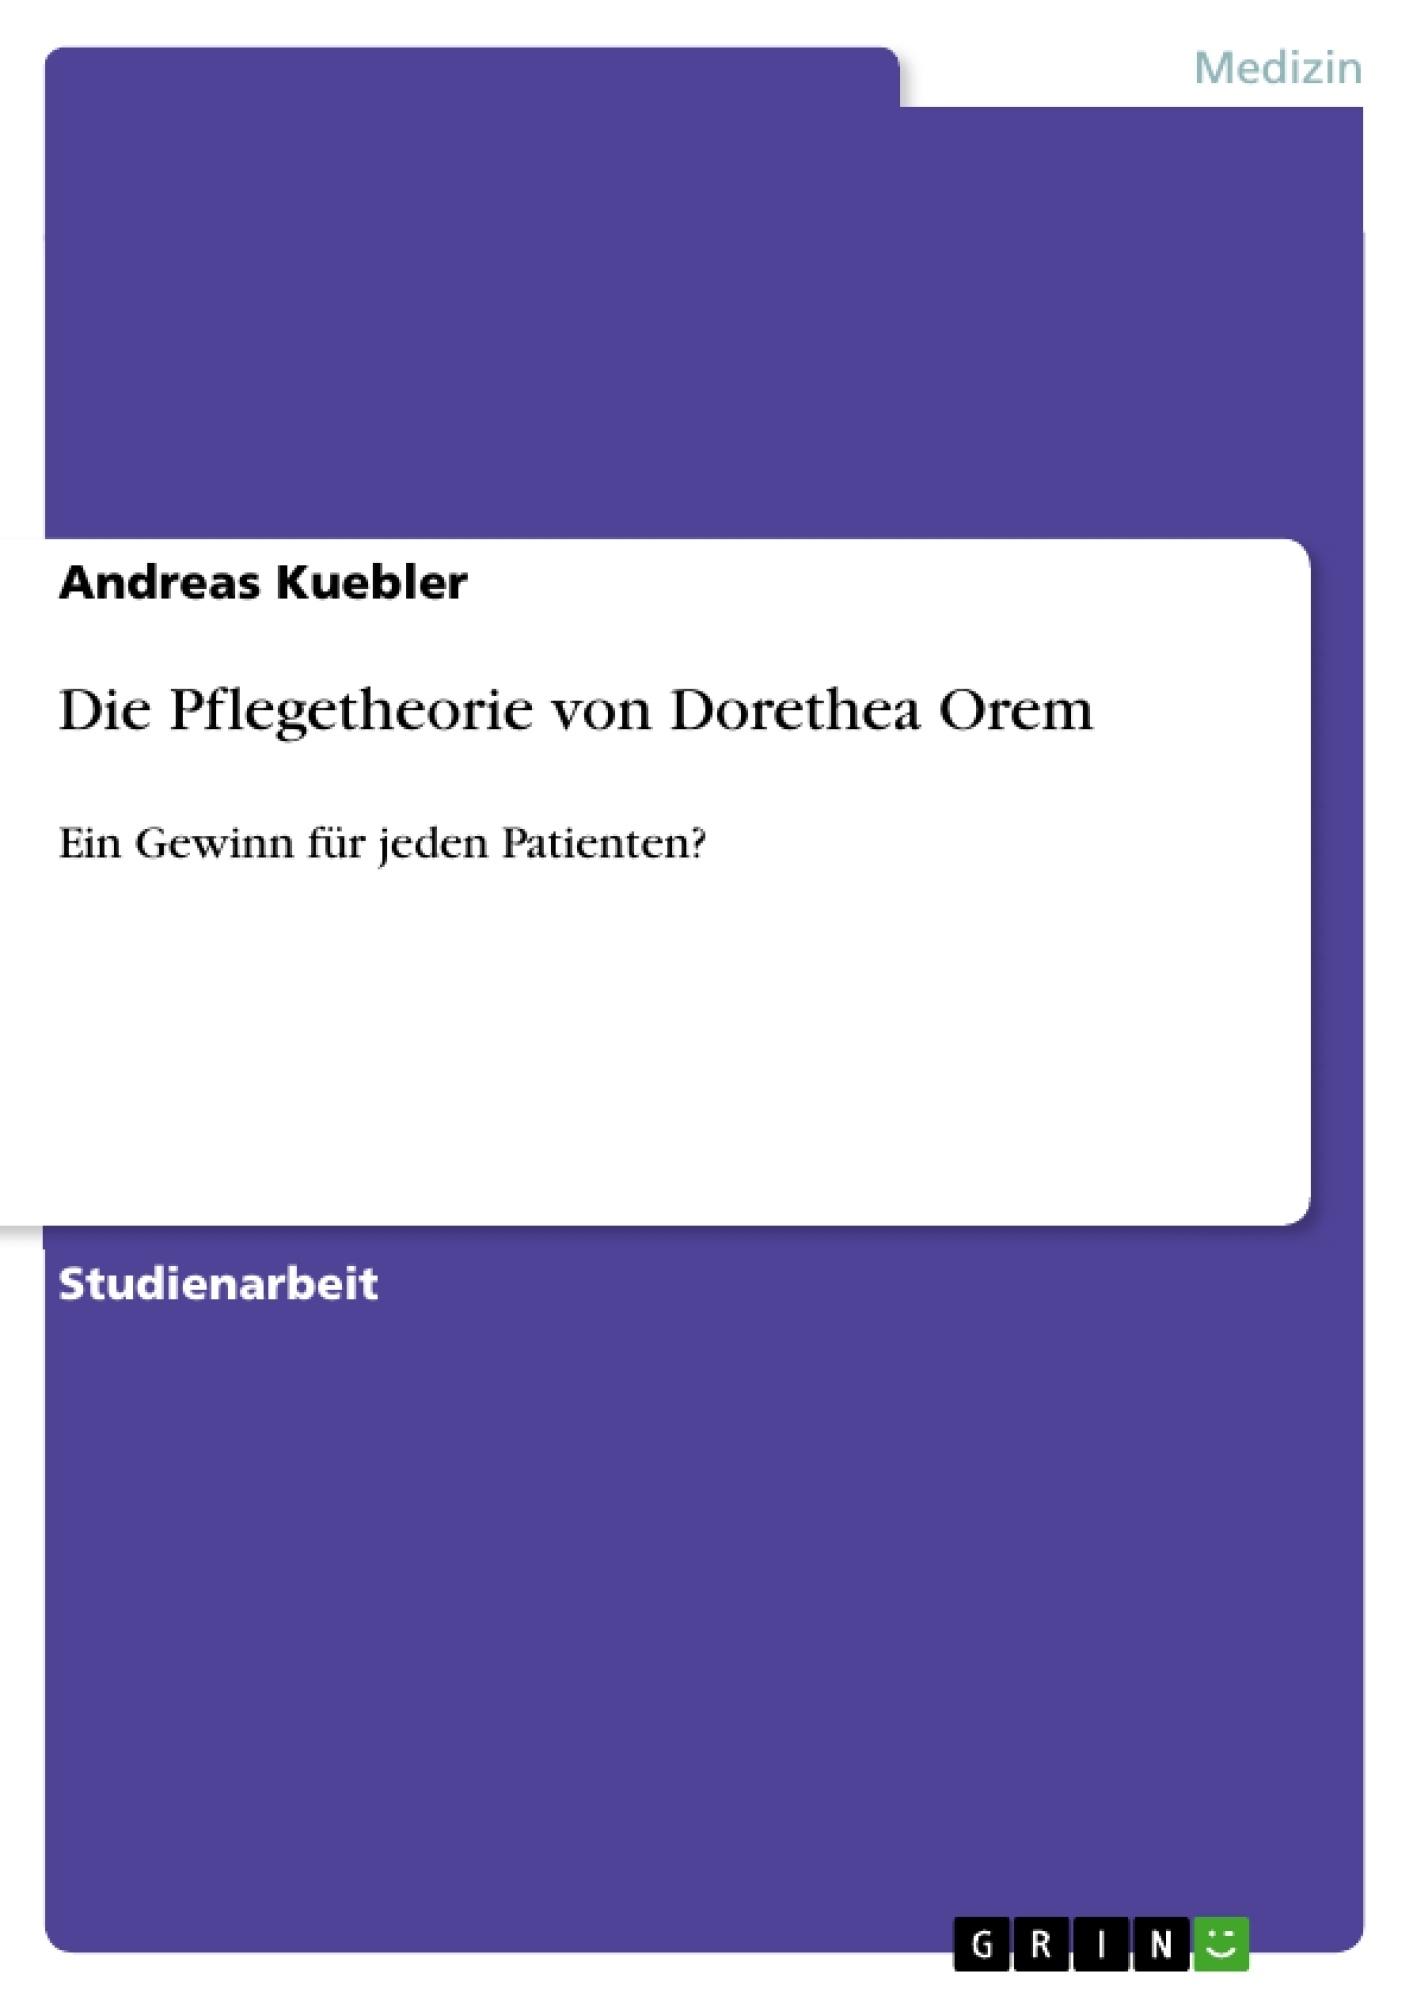 Titel: Die Pflegetheorie von Dorethea Orem